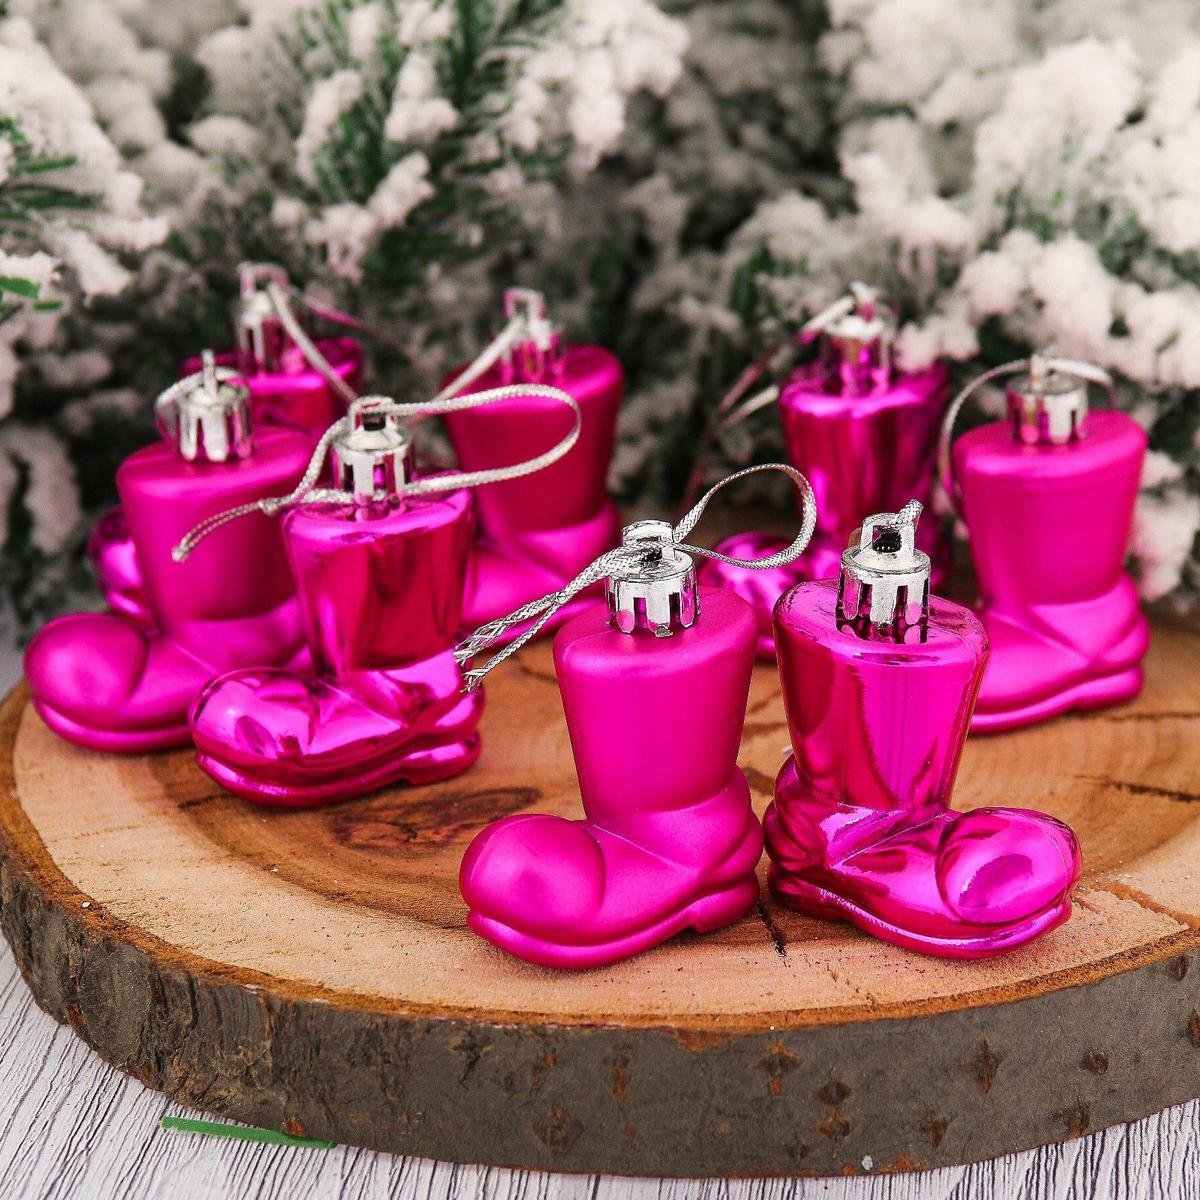 Набор новогодних подвесных украшений Сапожок, 4 х 4 см, 8 шт2123081Набор новогодних подвесных украшений отлично подойдет для декорации вашего дома и новогодней ели. С помощью специальной петельки украшение можно повесить в любом понравившемся вам месте. Но, конечно, удачнее всего оно будет смотреться на праздничной елке.Елочная игрушка - символ Нового года. Она несет в себе волшебство и красоту праздника. Такое украшение создаст в вашем доме атмосферу праздника, веселья и радости.